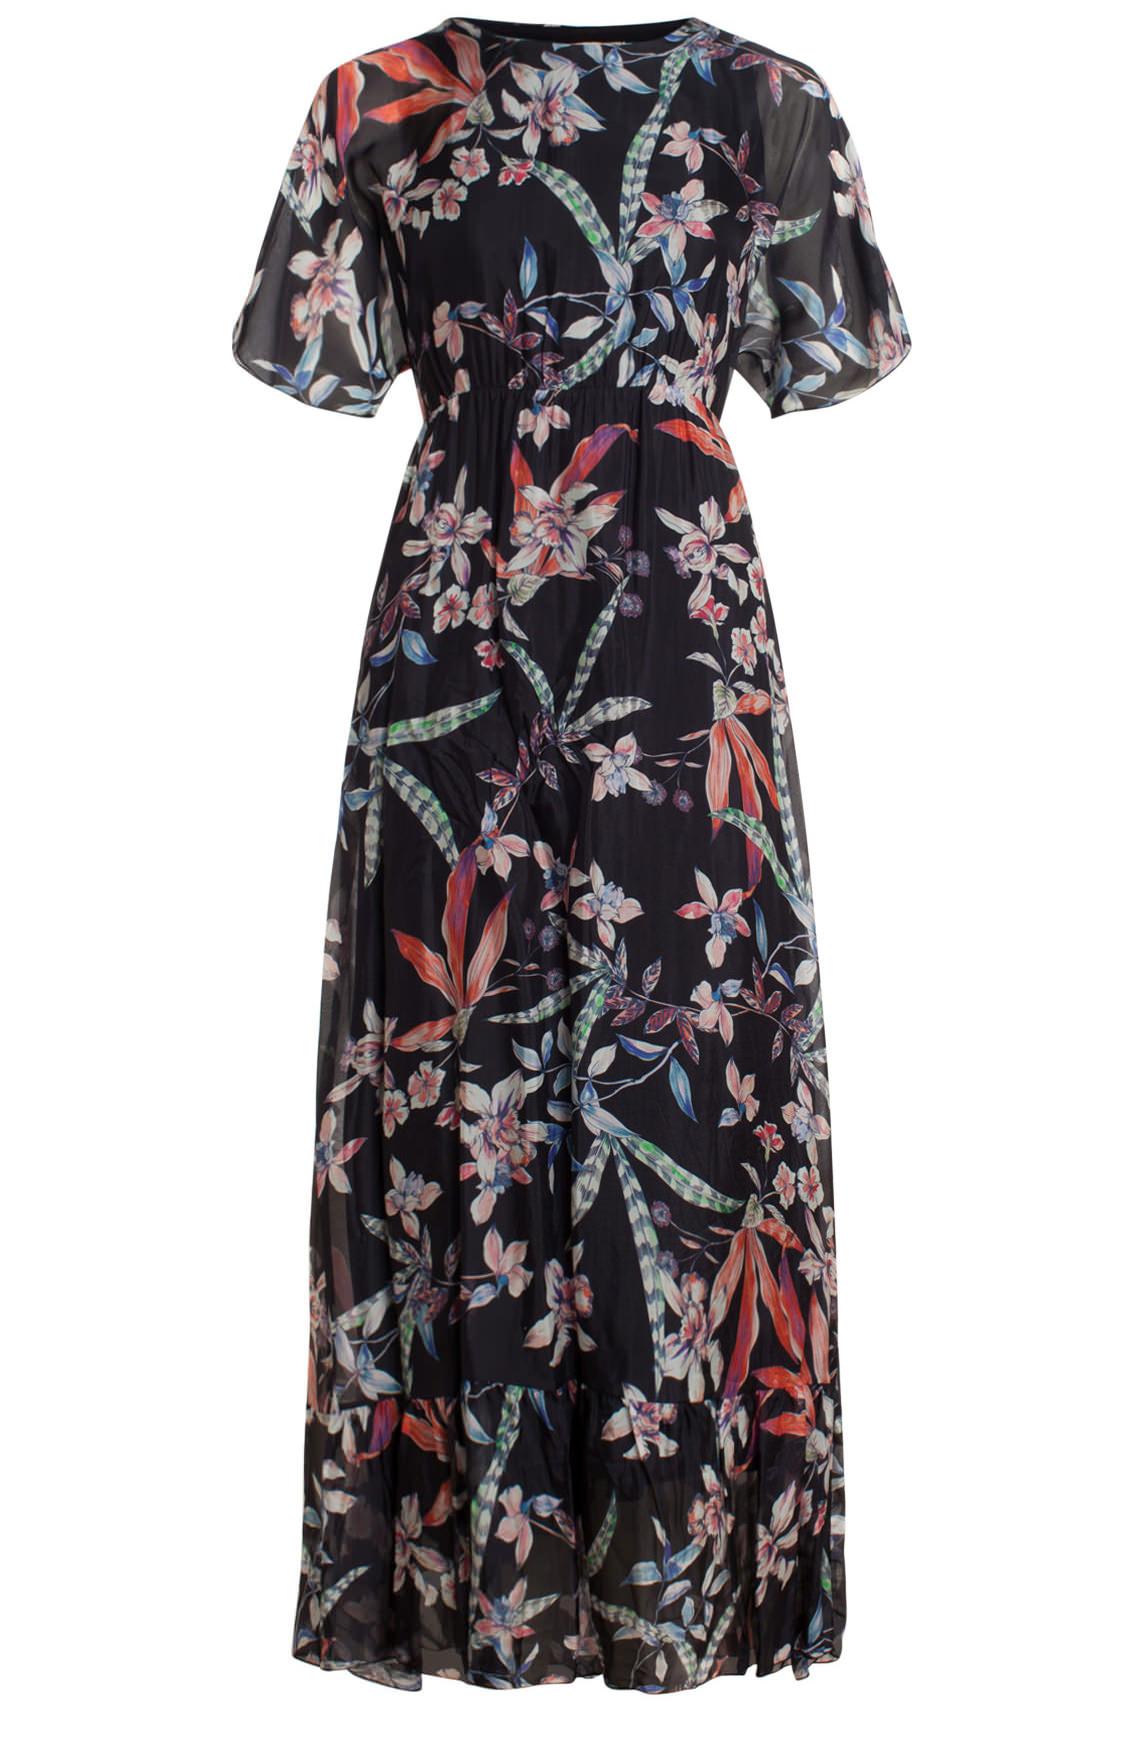 3f5b970d7f0d97 La Fée Maraboutée Dames Maxi jurk met bloemenprint zwart